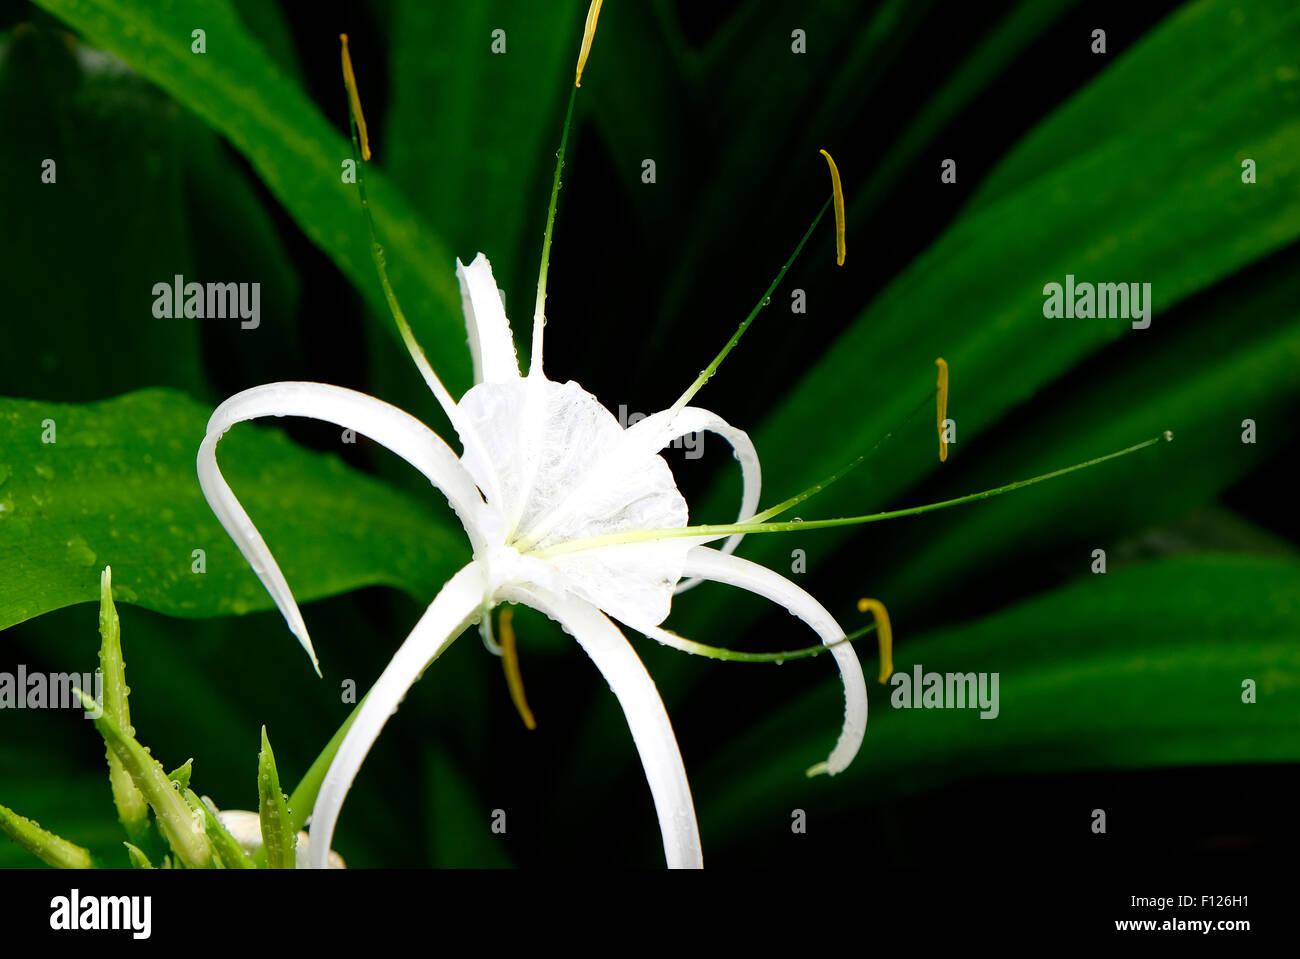 White spider lily flower growing in garden stock photo 86715581 alamy white spider lily flower growing in garden izmirmasajfo